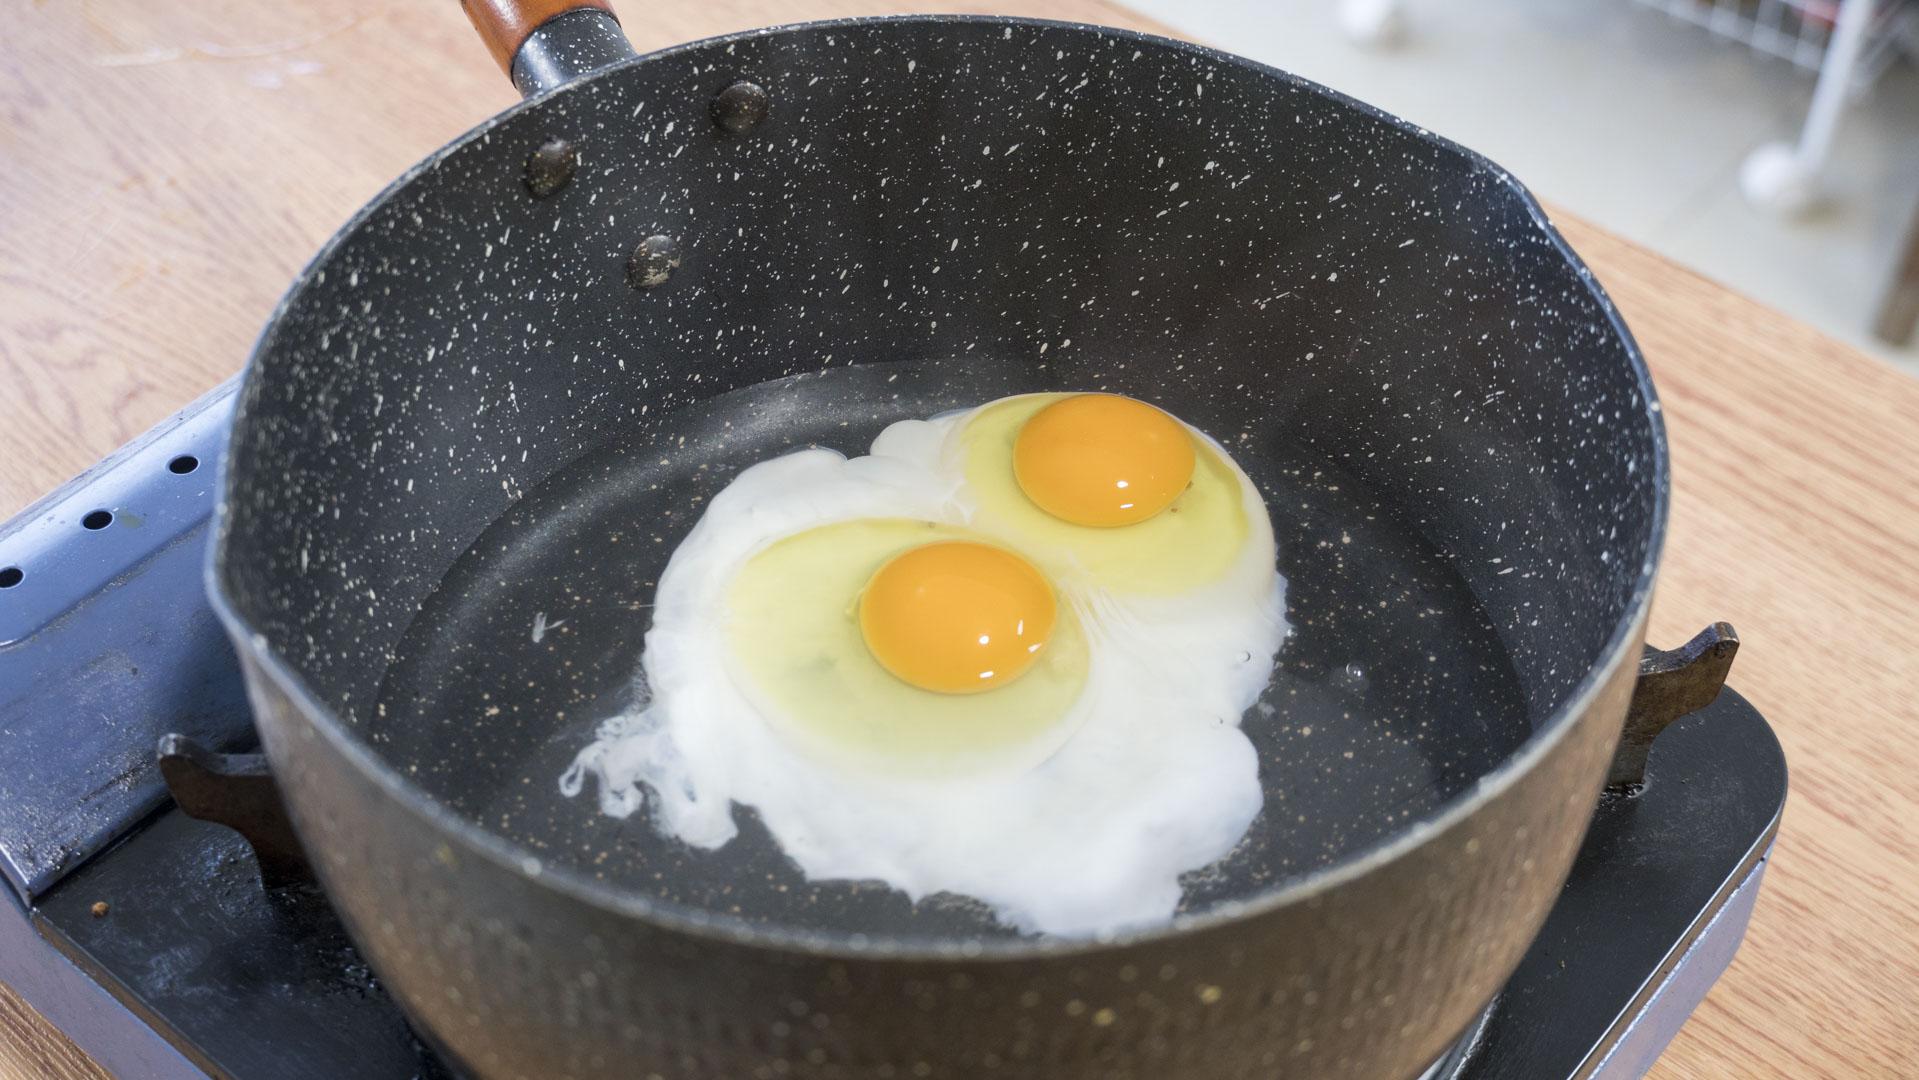 原來水煮荷包蛋這麼簡單,分享5種做法,做出來又圓又嫩還不散花